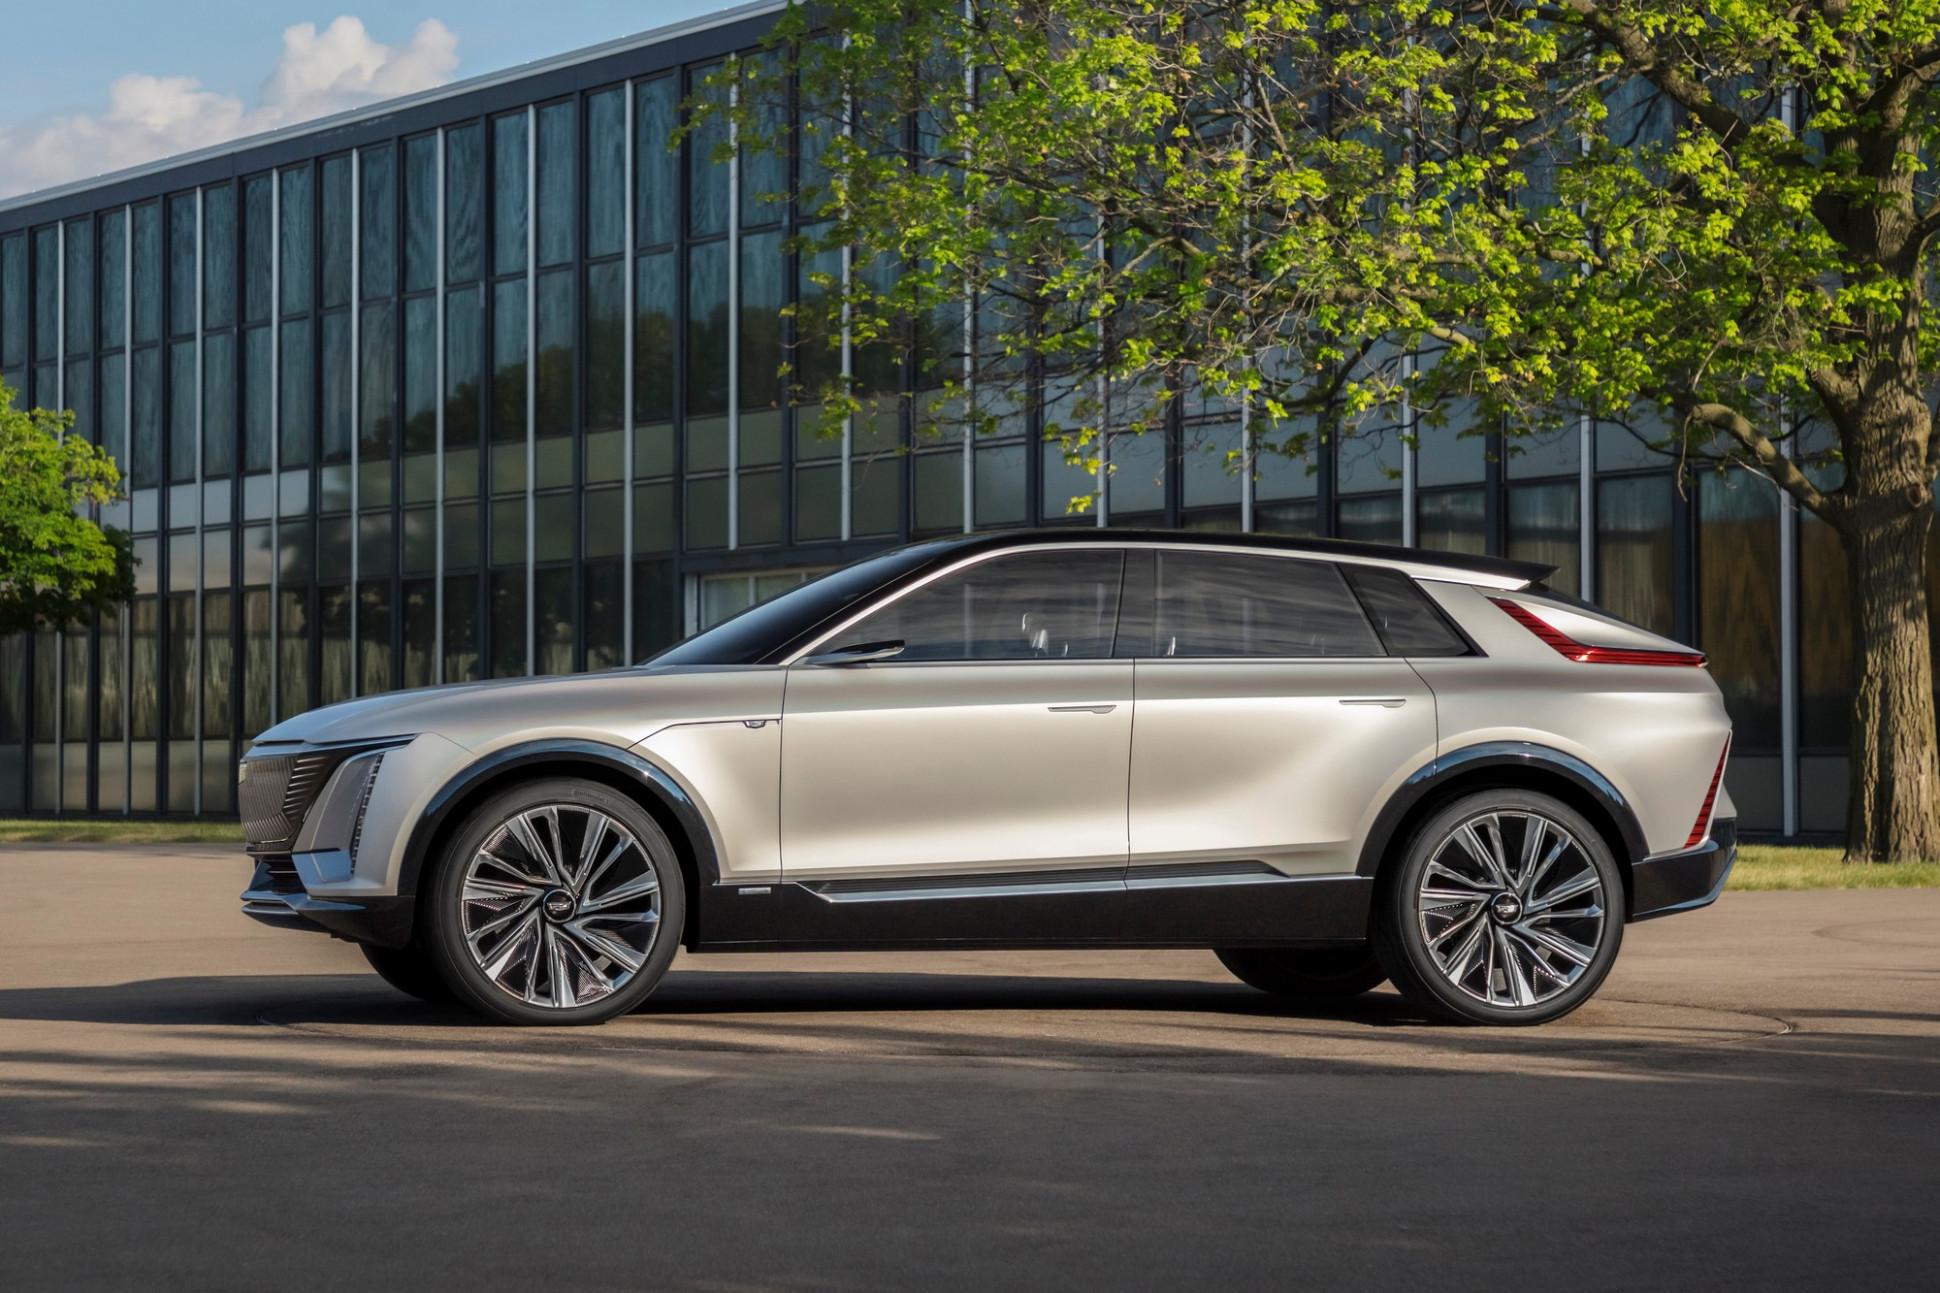 Interior Cadillac Suv 2022